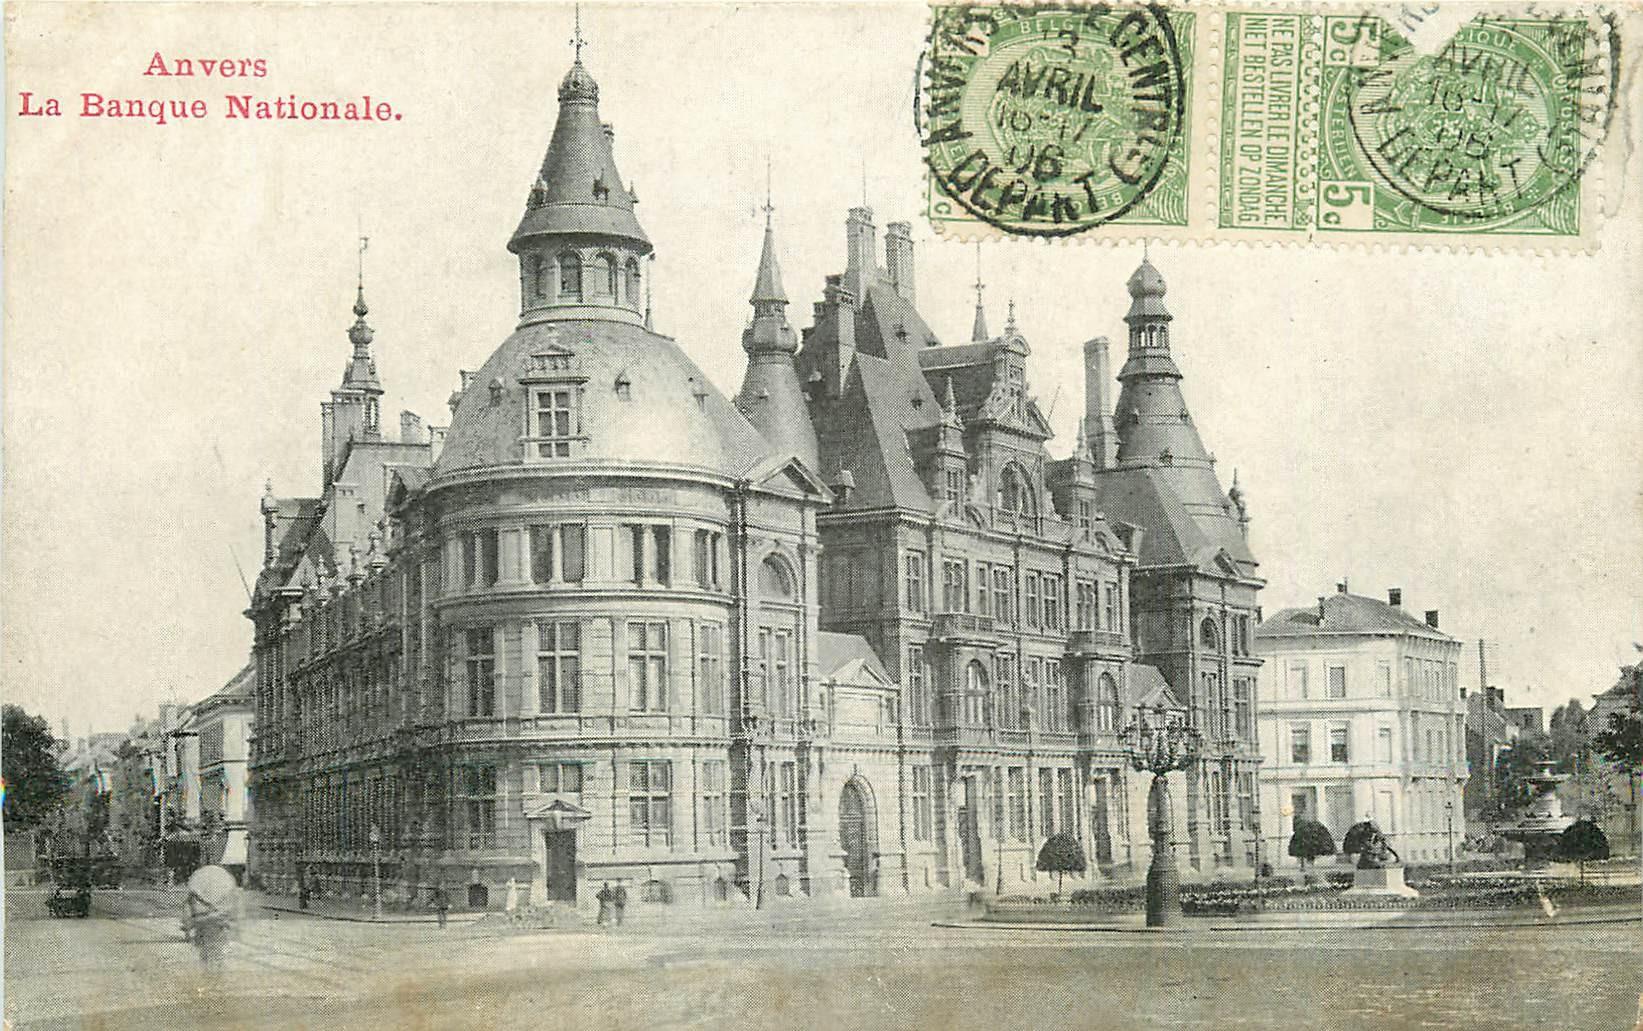 sur fortunapost.com ANVERS. La Banque Nationale 1906 carte postale ancienne